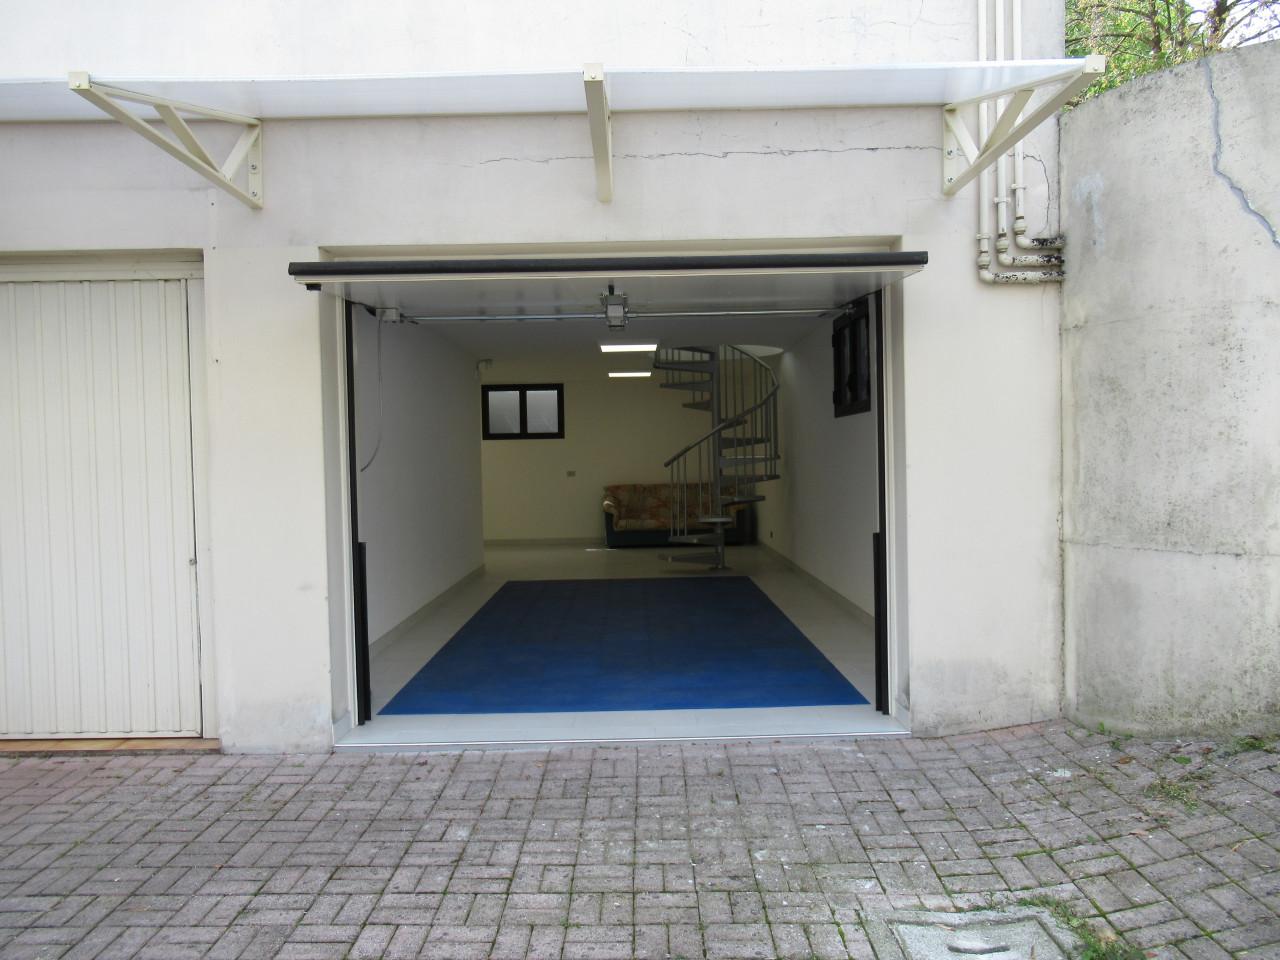 Negozio 100mq ristrutturato - due livelli - SPRESIANO (TV)